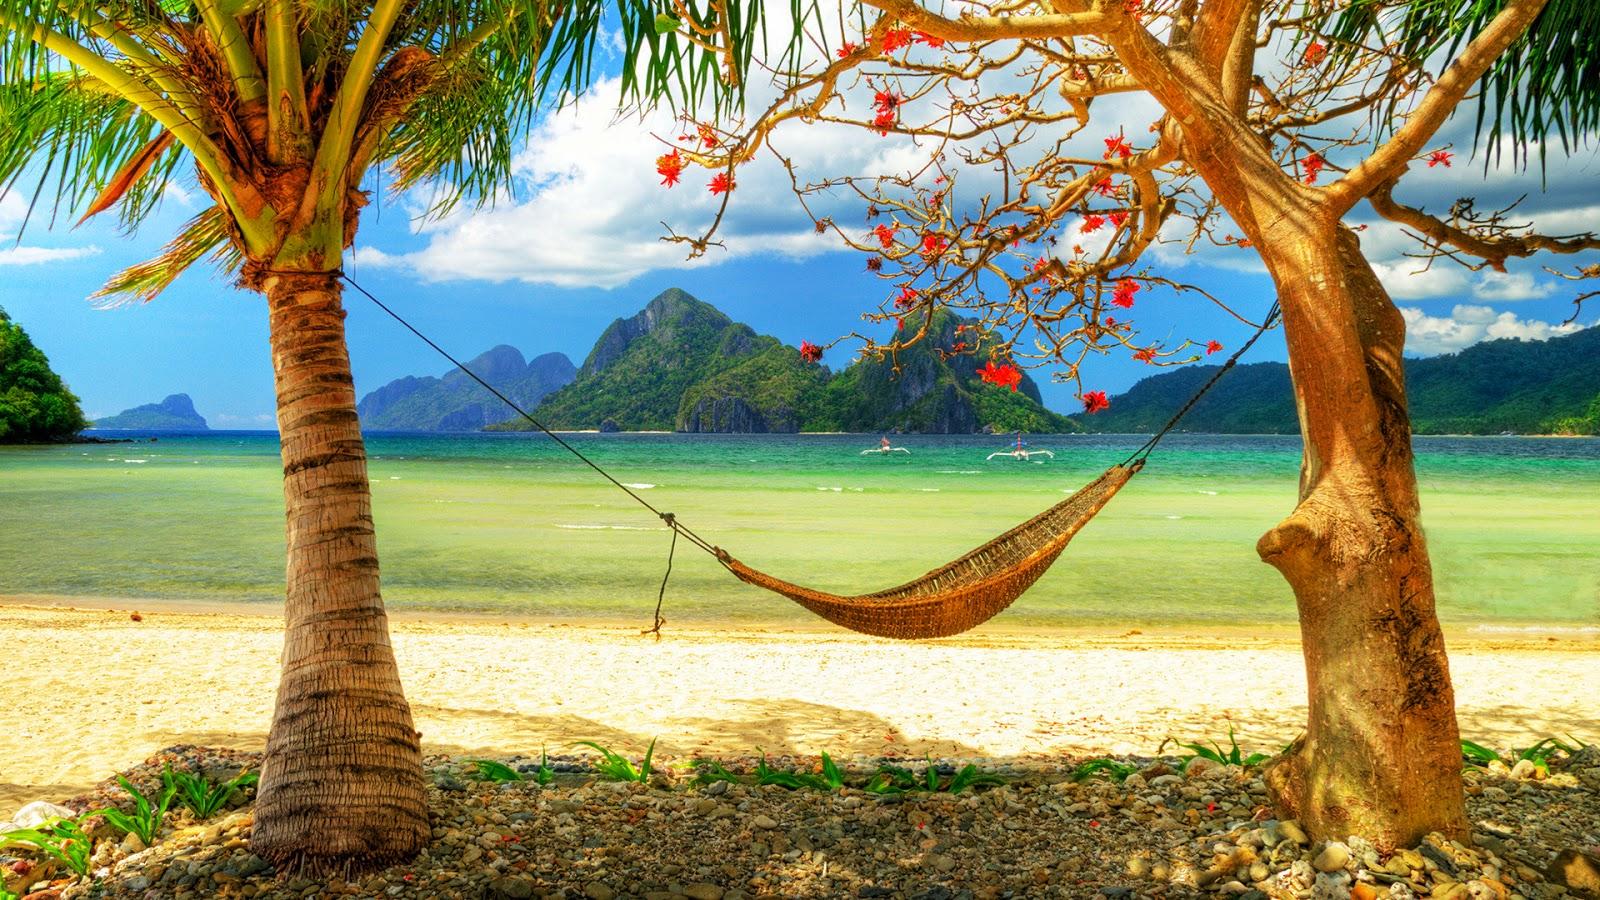 http://passions4life.blogspot.com/